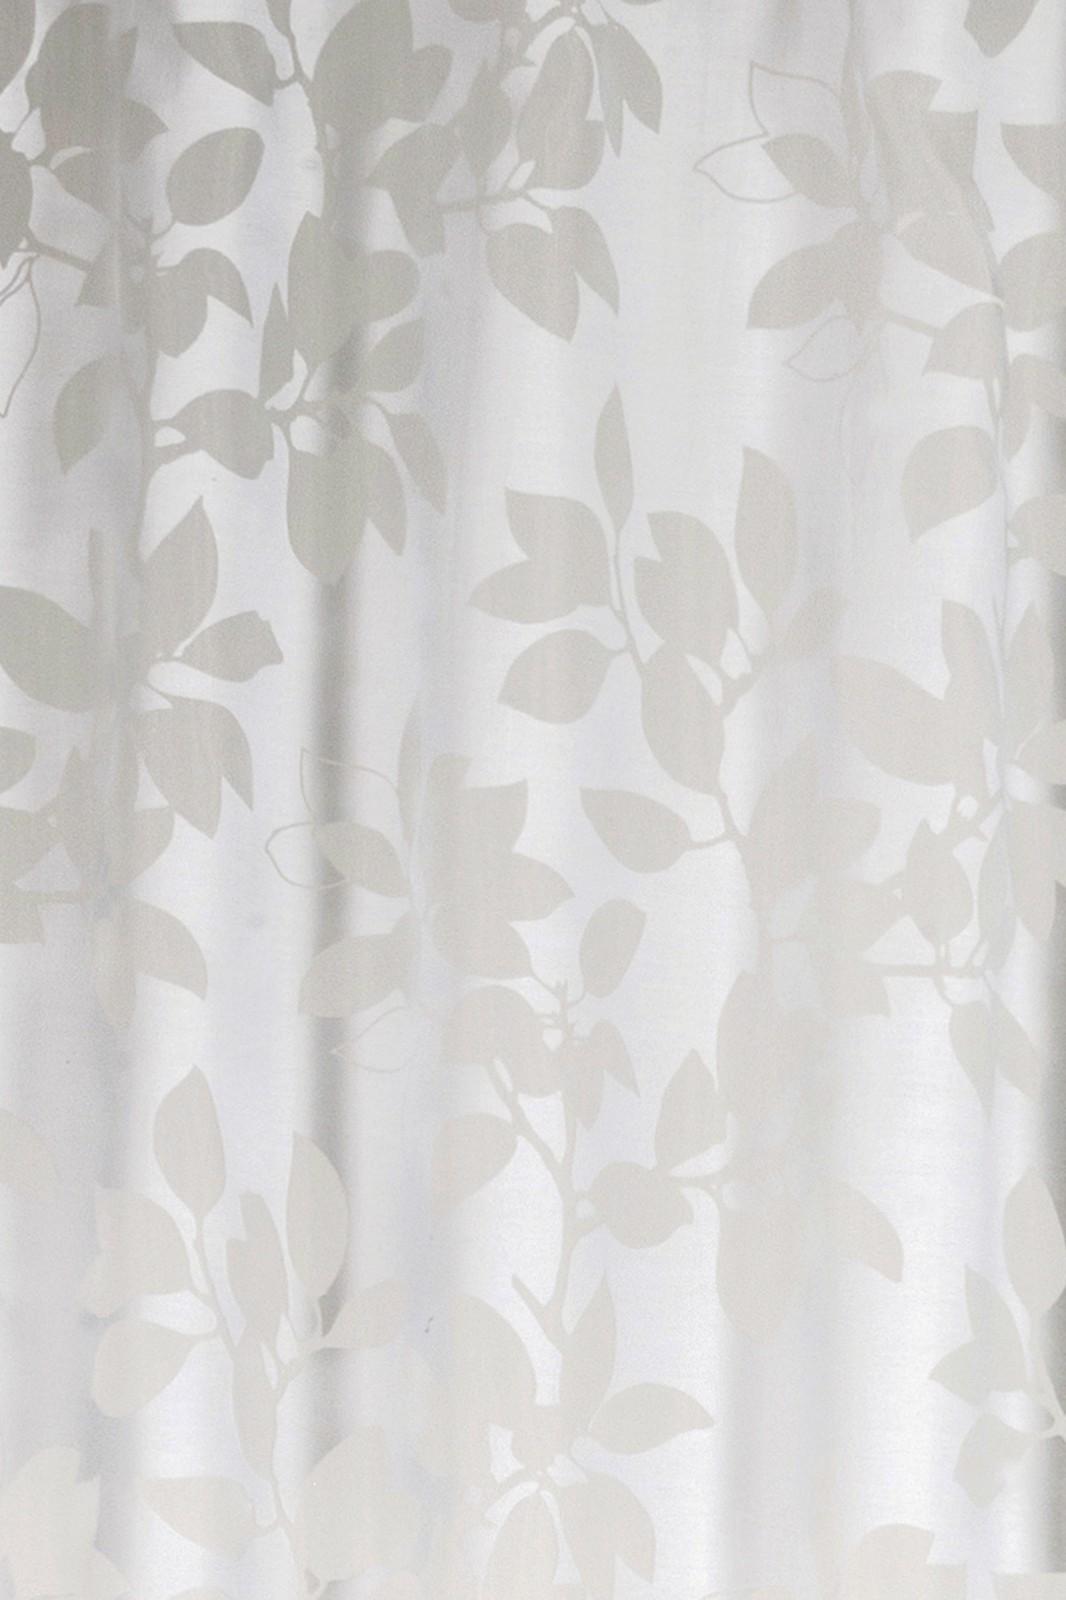 schlaufenschal spring time floral wei halbtransparent. Black Bedroom Furniture Sets. Home Design Ideas